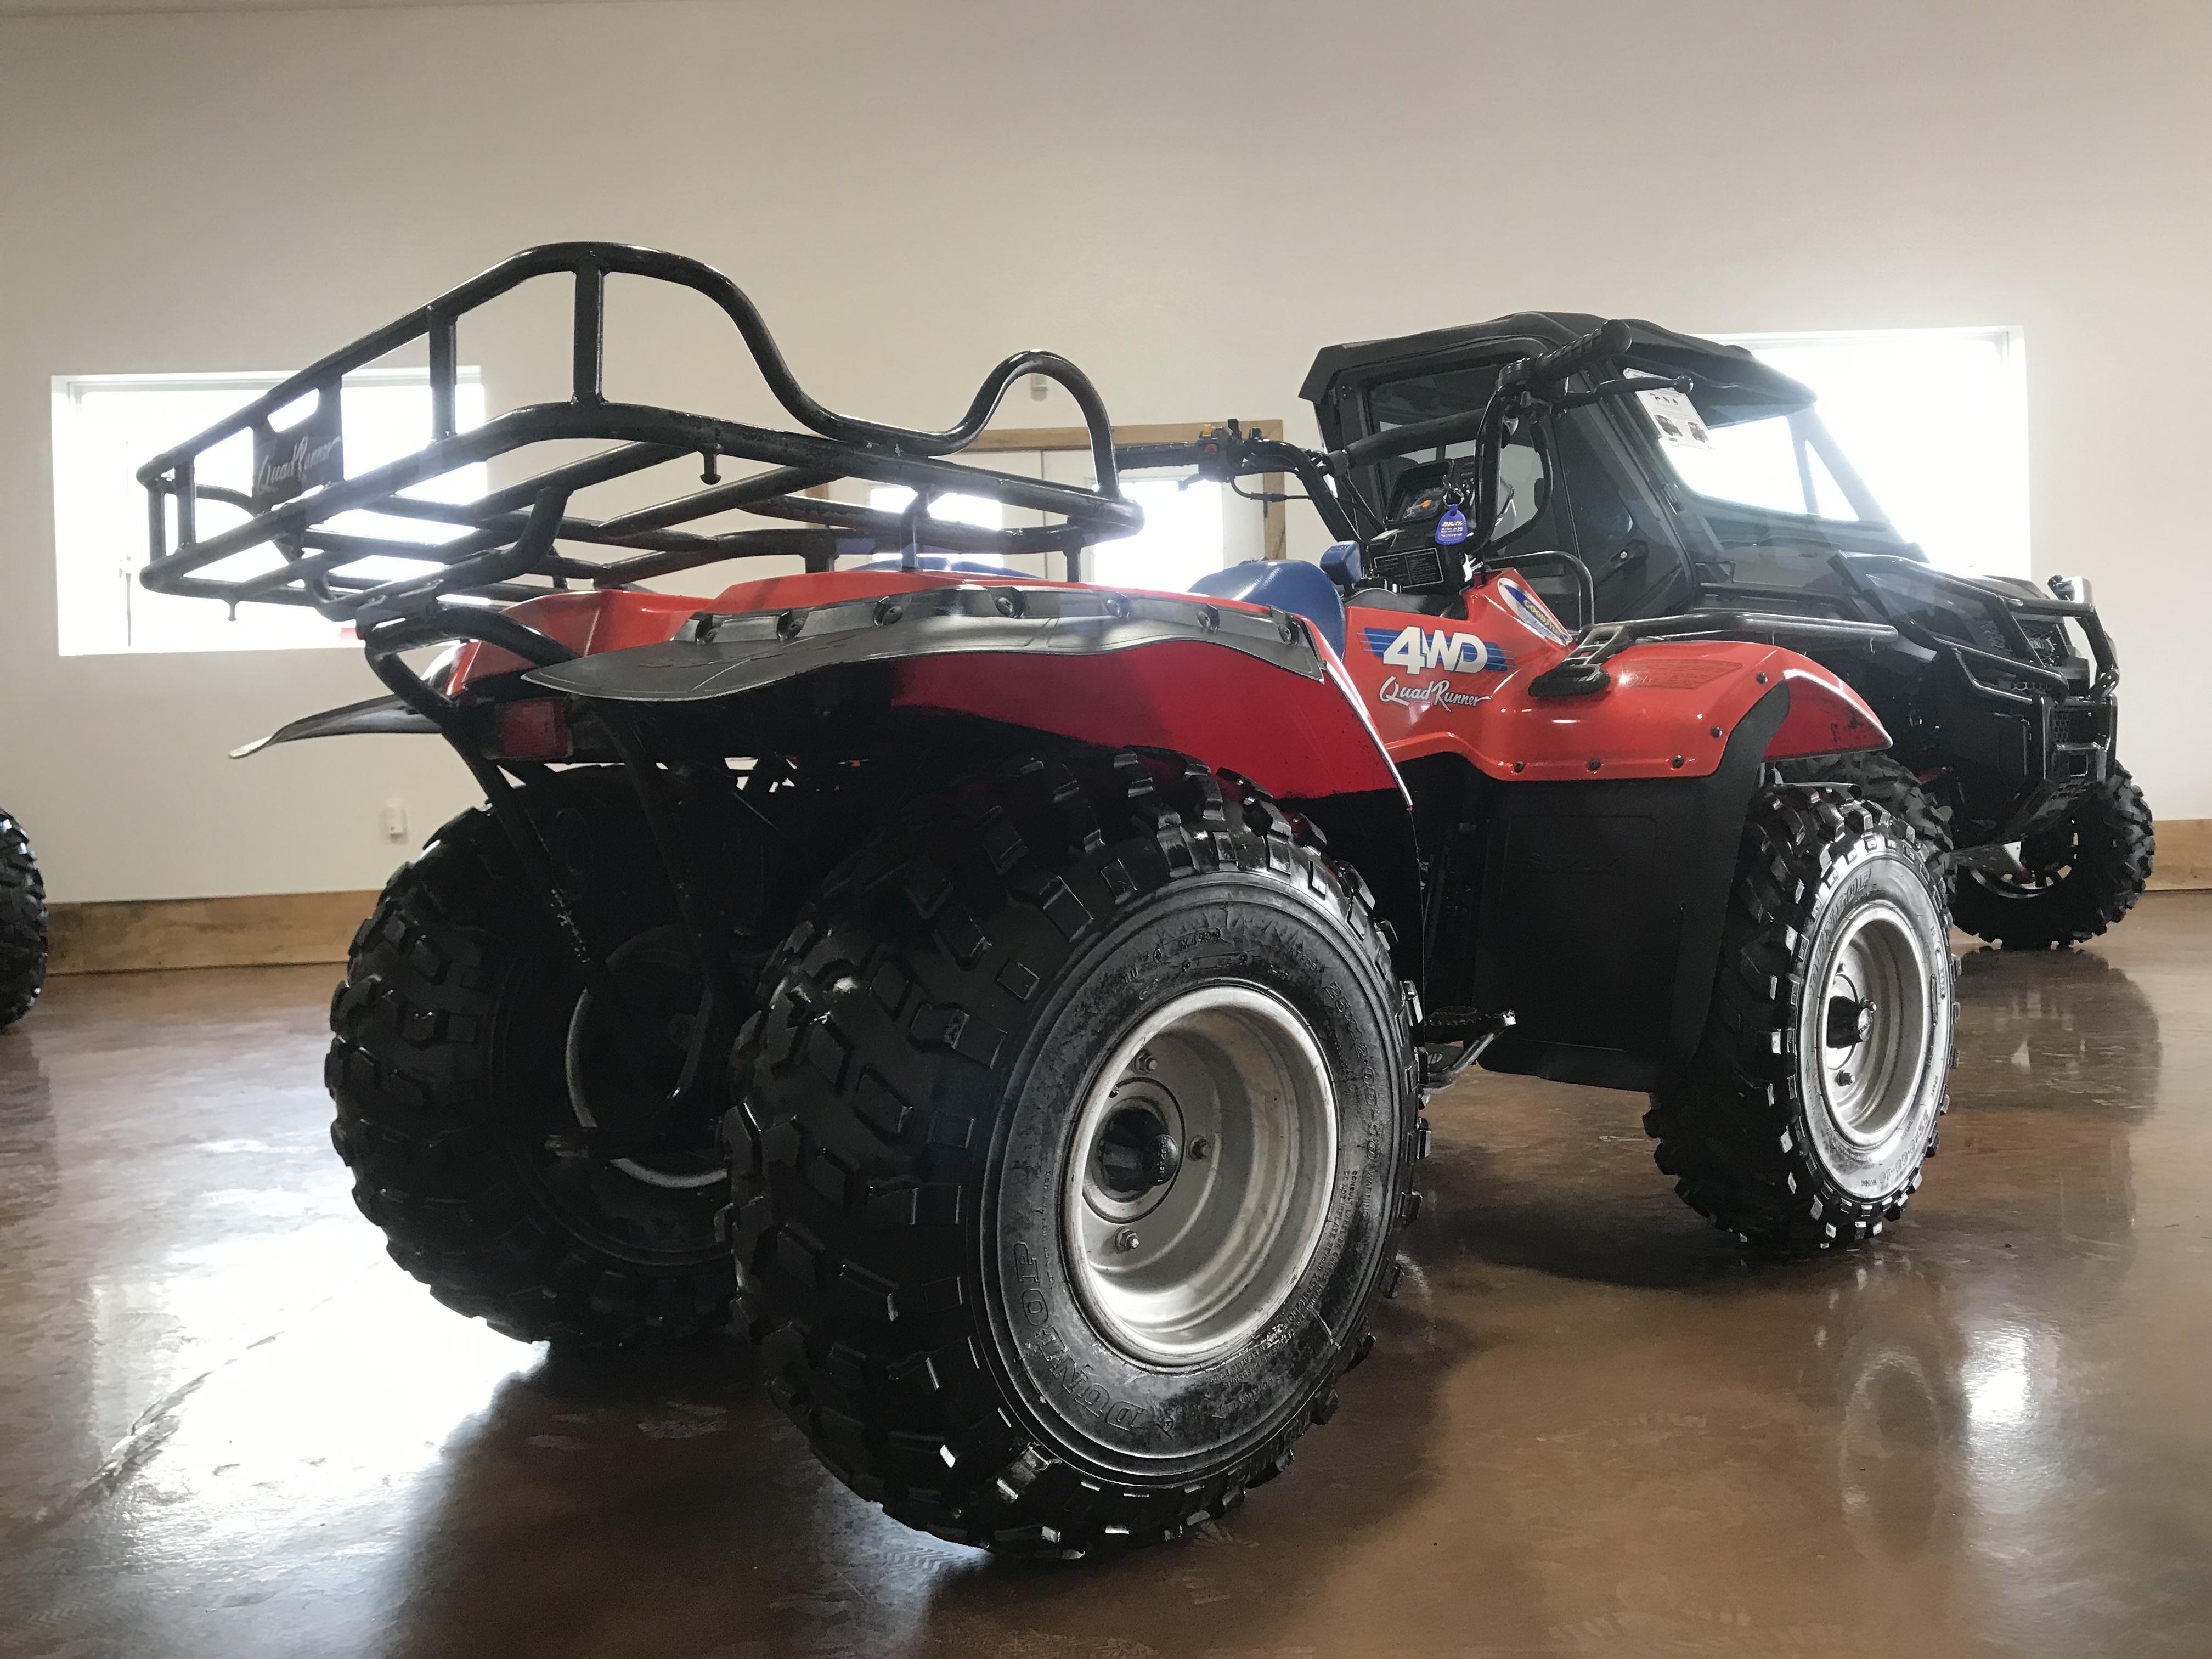 1989 Suzuki Quadrunner 250